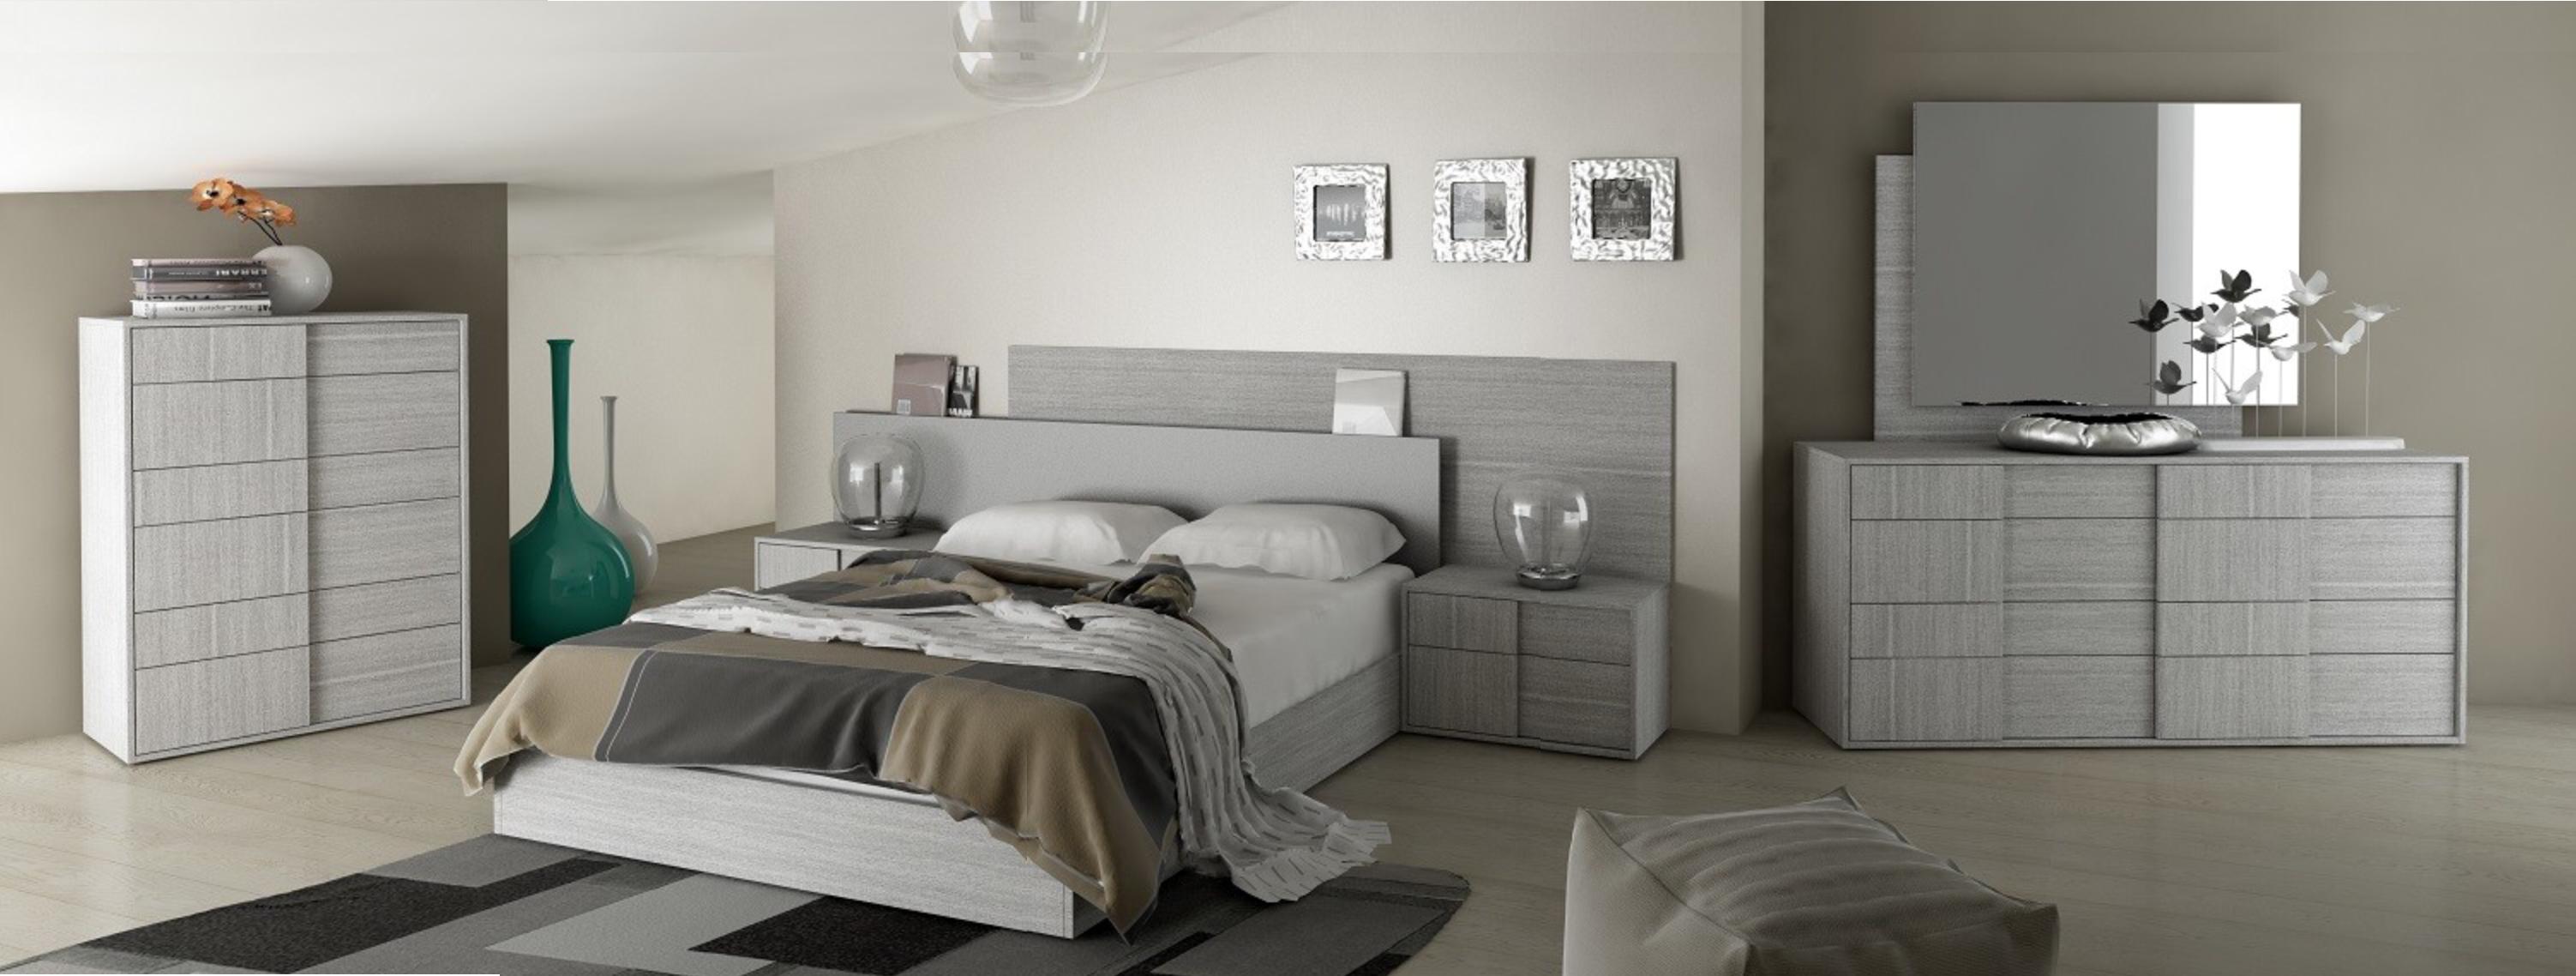 دکوراسیون اتاق خواب با رنگ طوسی خنثی